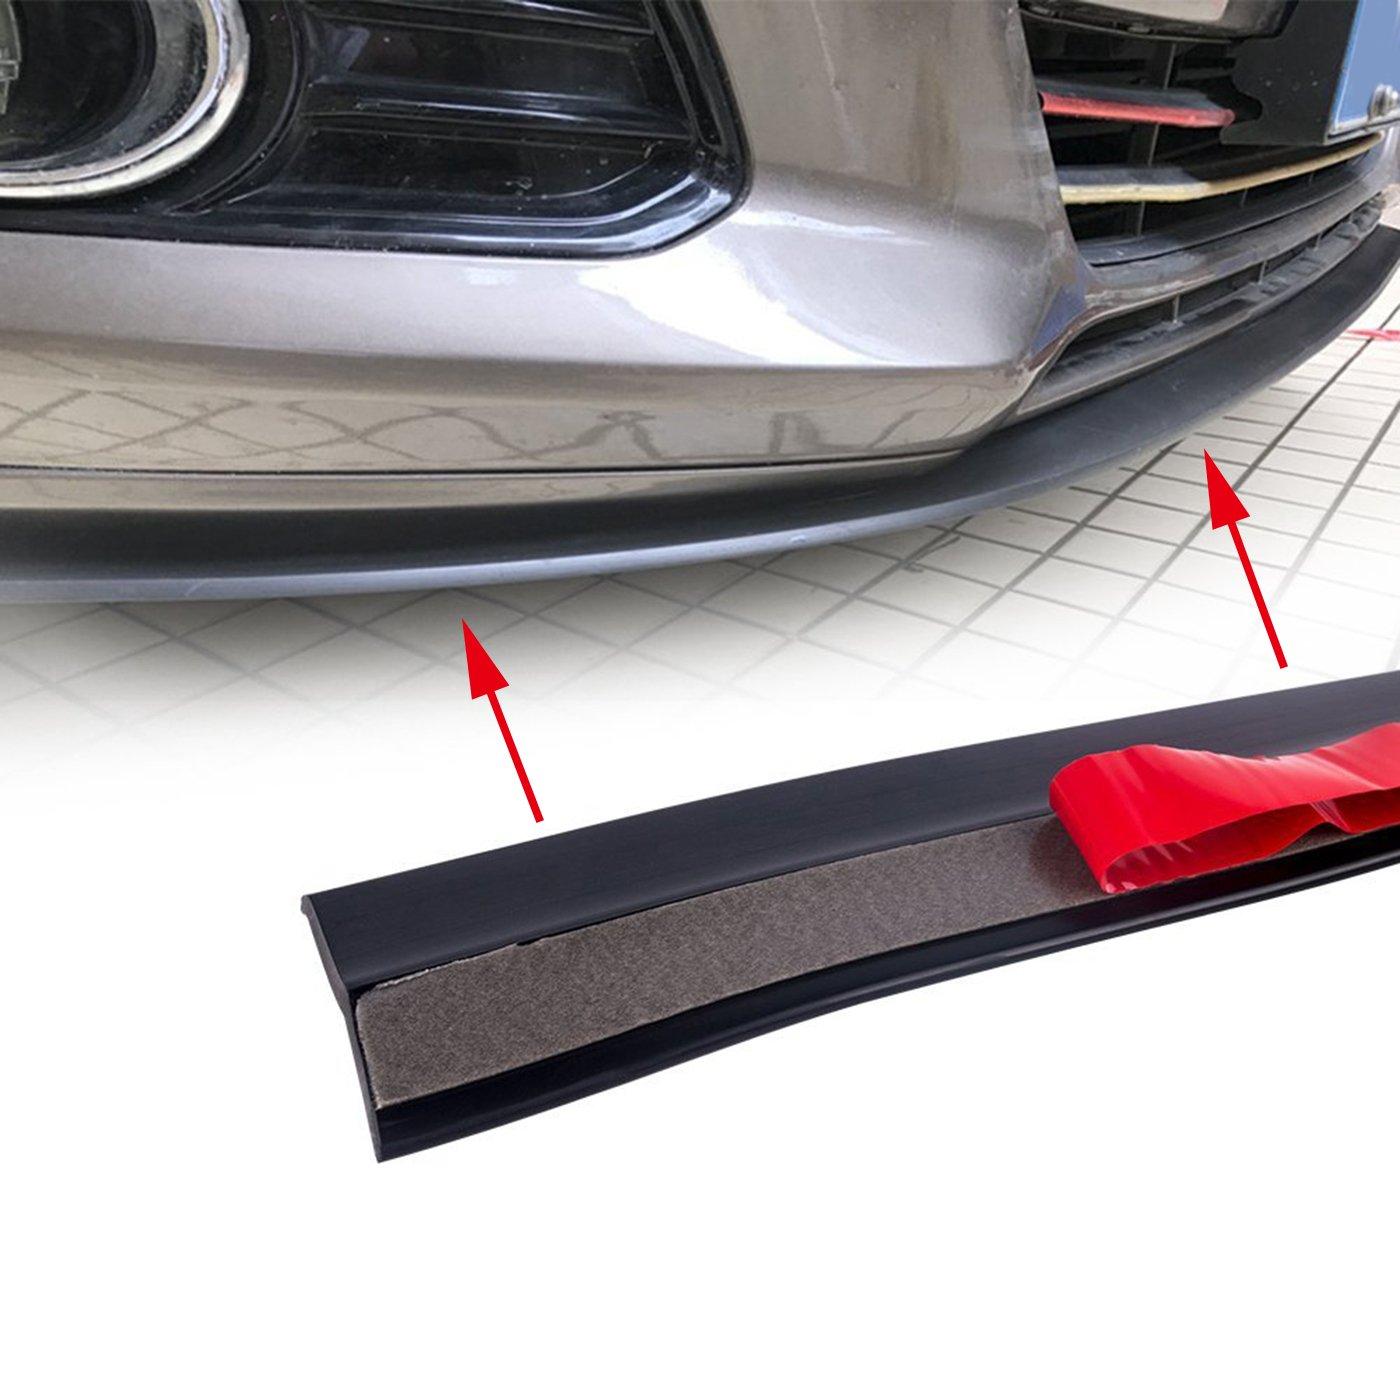 MODAUTO Front Car Aleron Protezione per Paraurti Universale Larghezza 60mm Paraurti Anteriore Modello F605BK-IT Lunghezza 2.5 m Adesivo Protettivo Nero